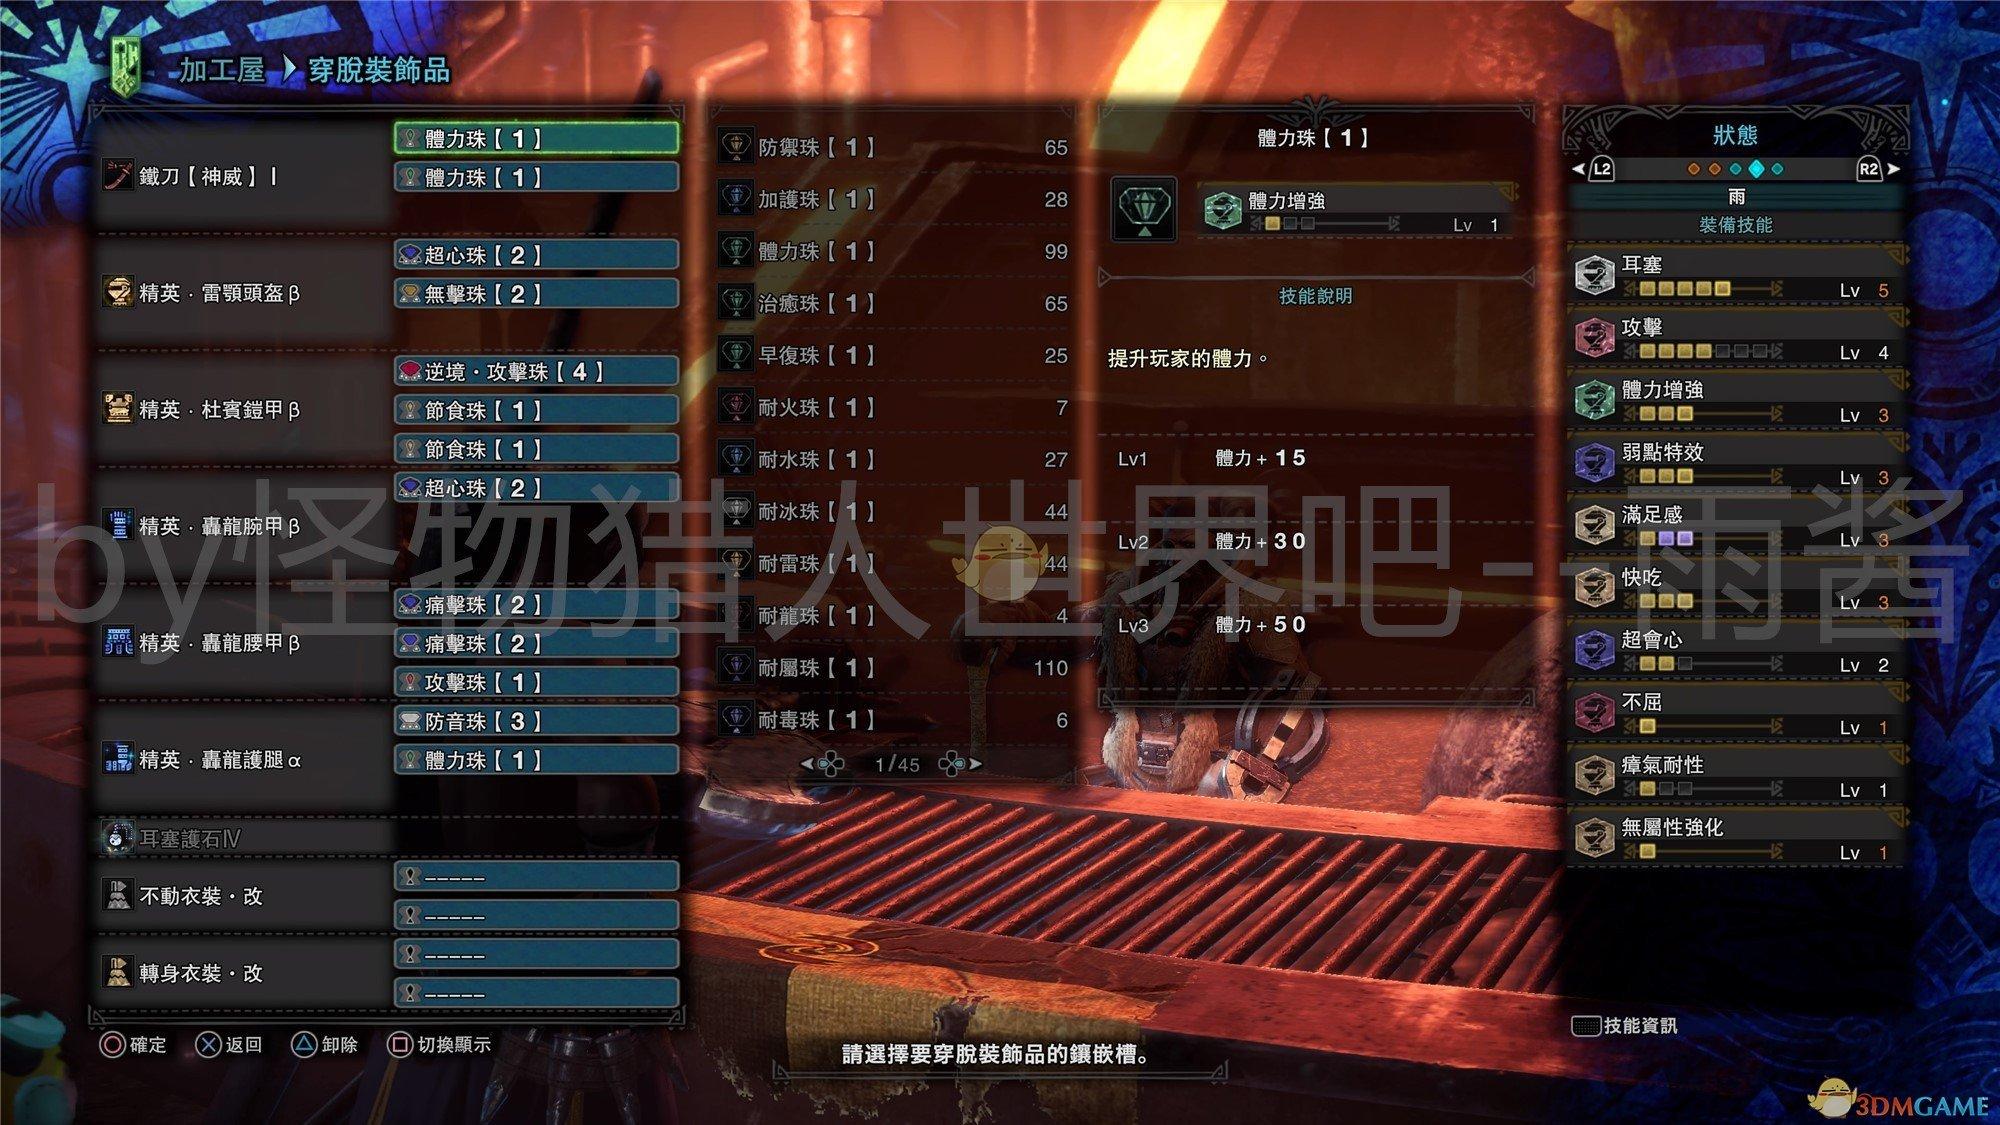 《怪物猎人:世界》冰原DLC太刀开荒过渡期配装推荐